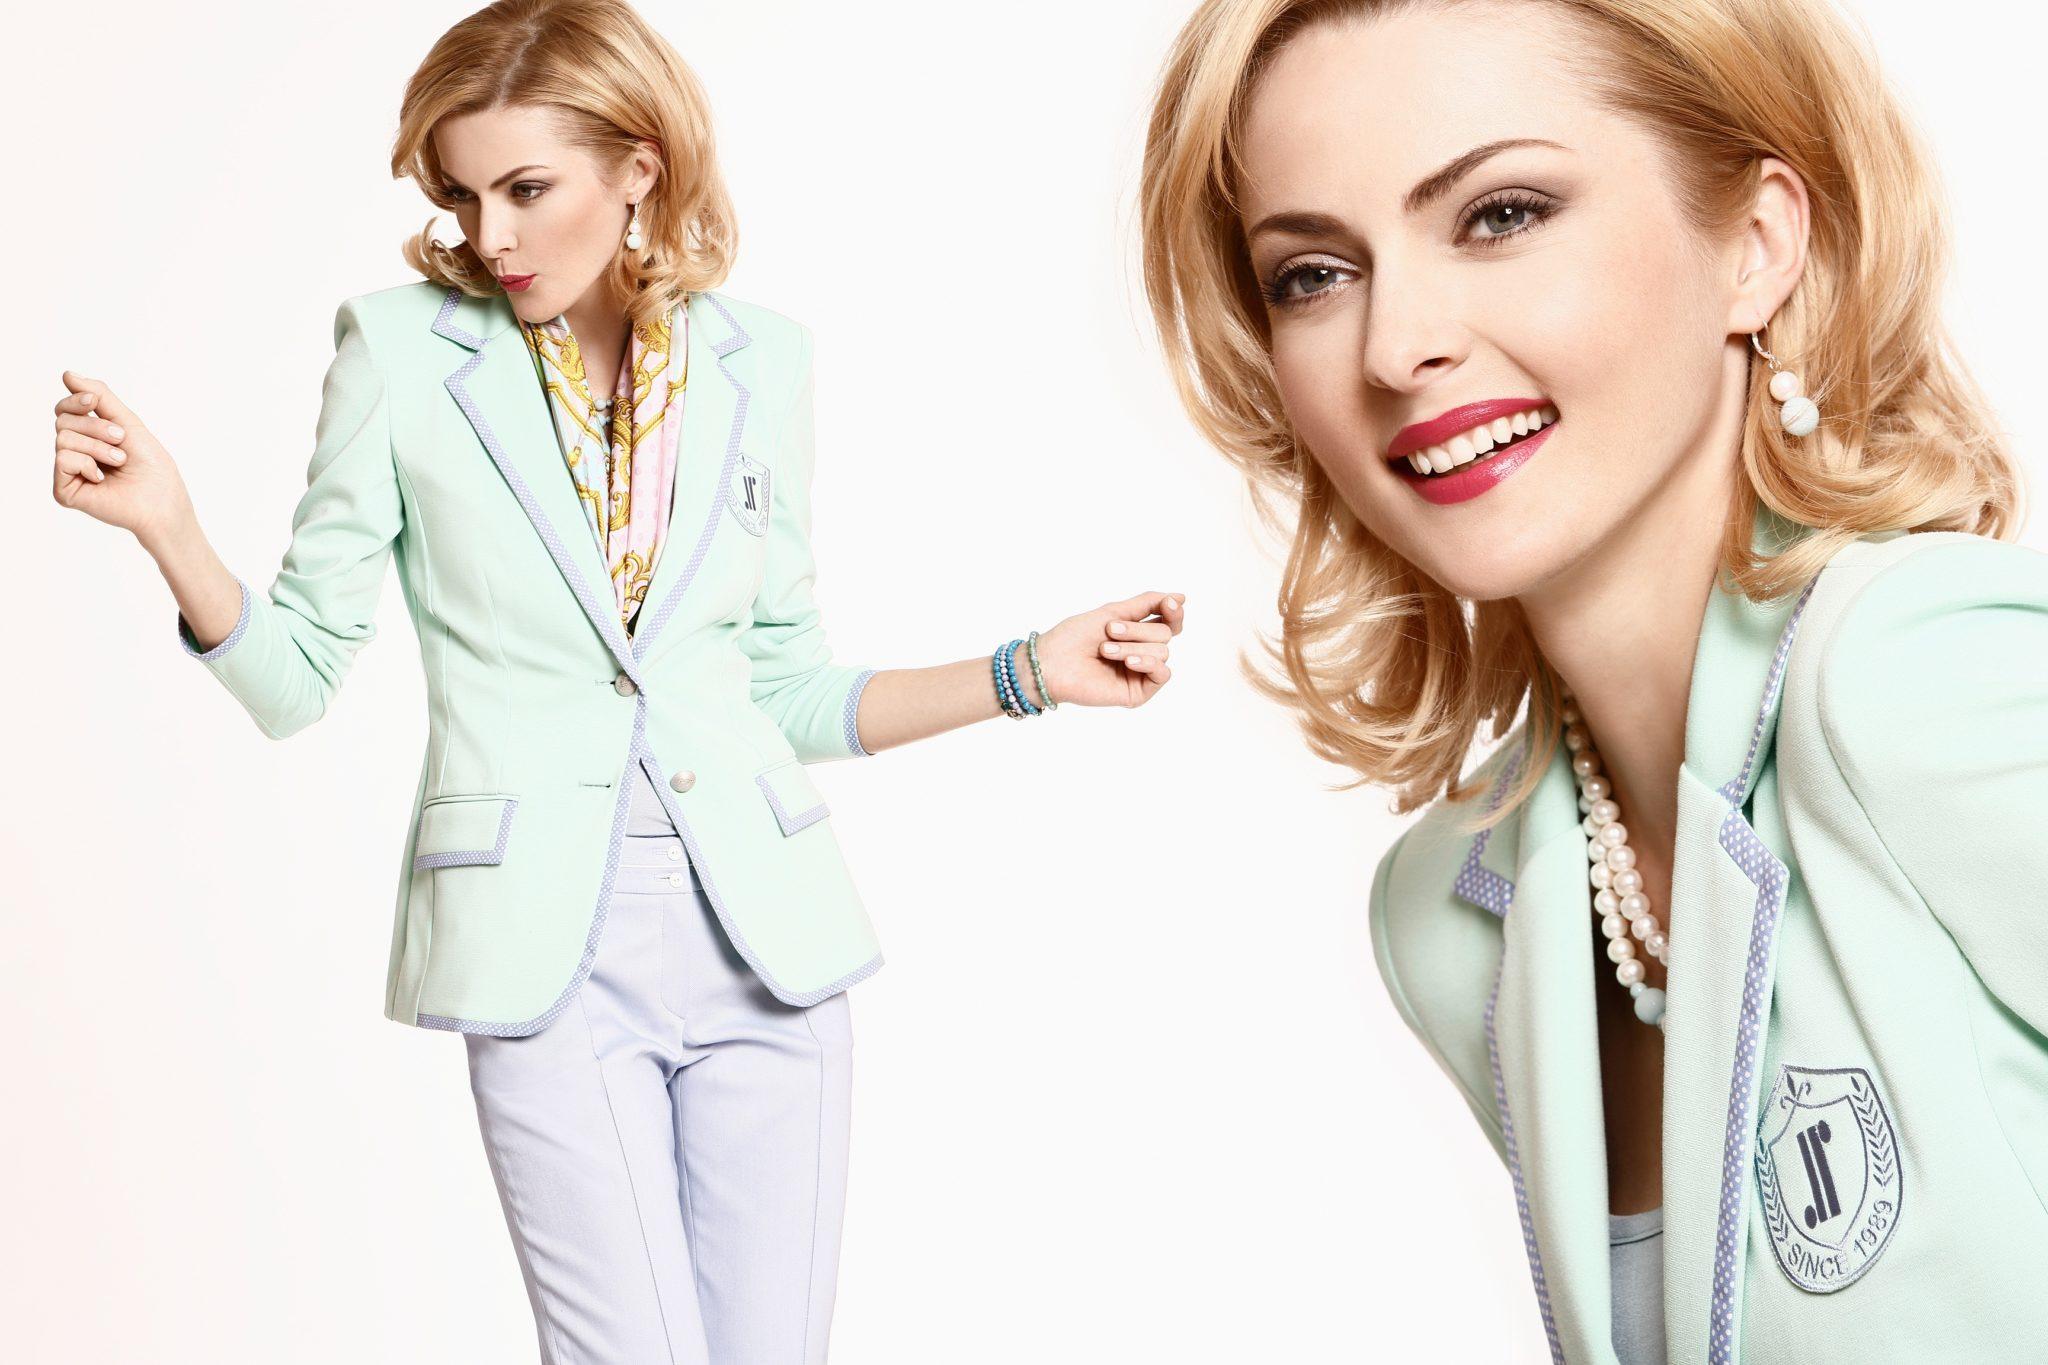 Slovenská módna značka Donna Rosi prináša tú najlepšiu módu už vyše 25 rokov! + ROZHOVOR 13